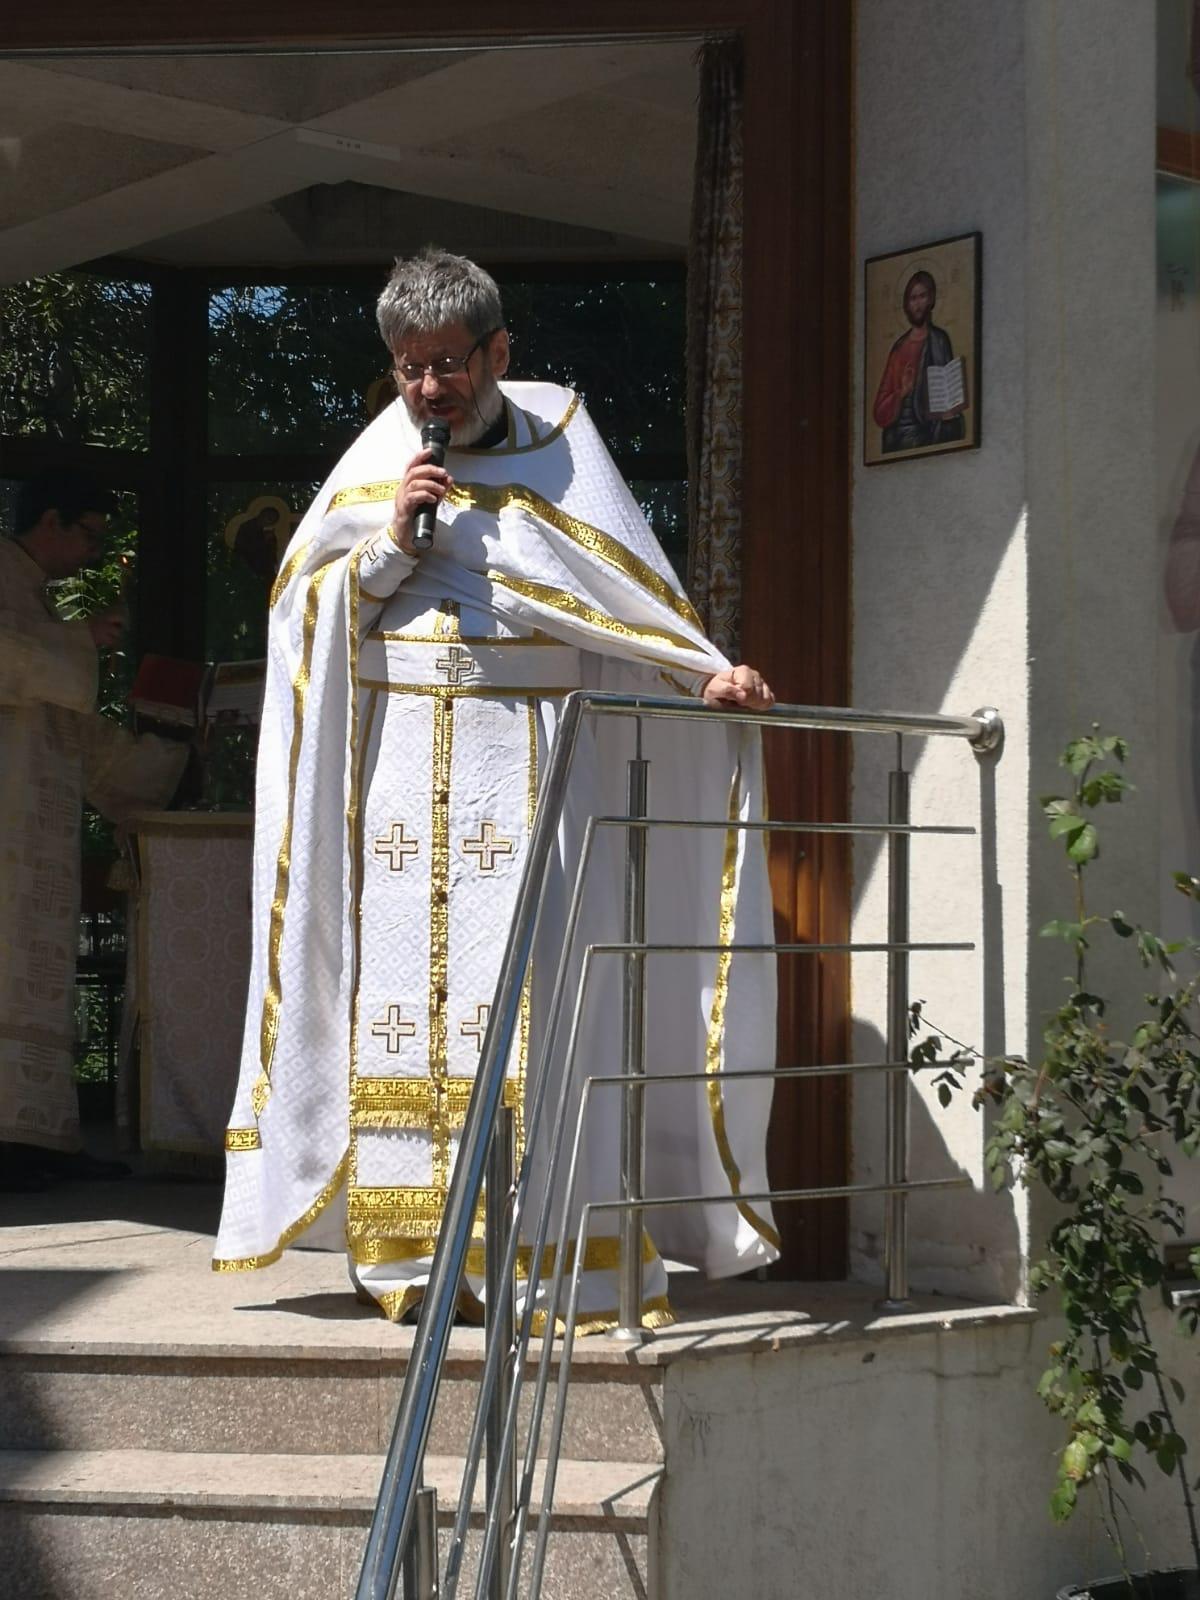 """Cuvânt al Părintelui Tudor Ciocan: HRISTOS CA ÎMPĂRAT AL VIEȚII NOASTRE, sobornicitatea Bisericii și MASELE MANIPULATE de către cei puternici ai lumii: <i>""""Nu putem să schimbăm cursul istoriei, dar putem să ne rugăm lui Dumnezeu să ne întărească El cum știe, ca să fim credincioși până la sfârșit""""</i>"""